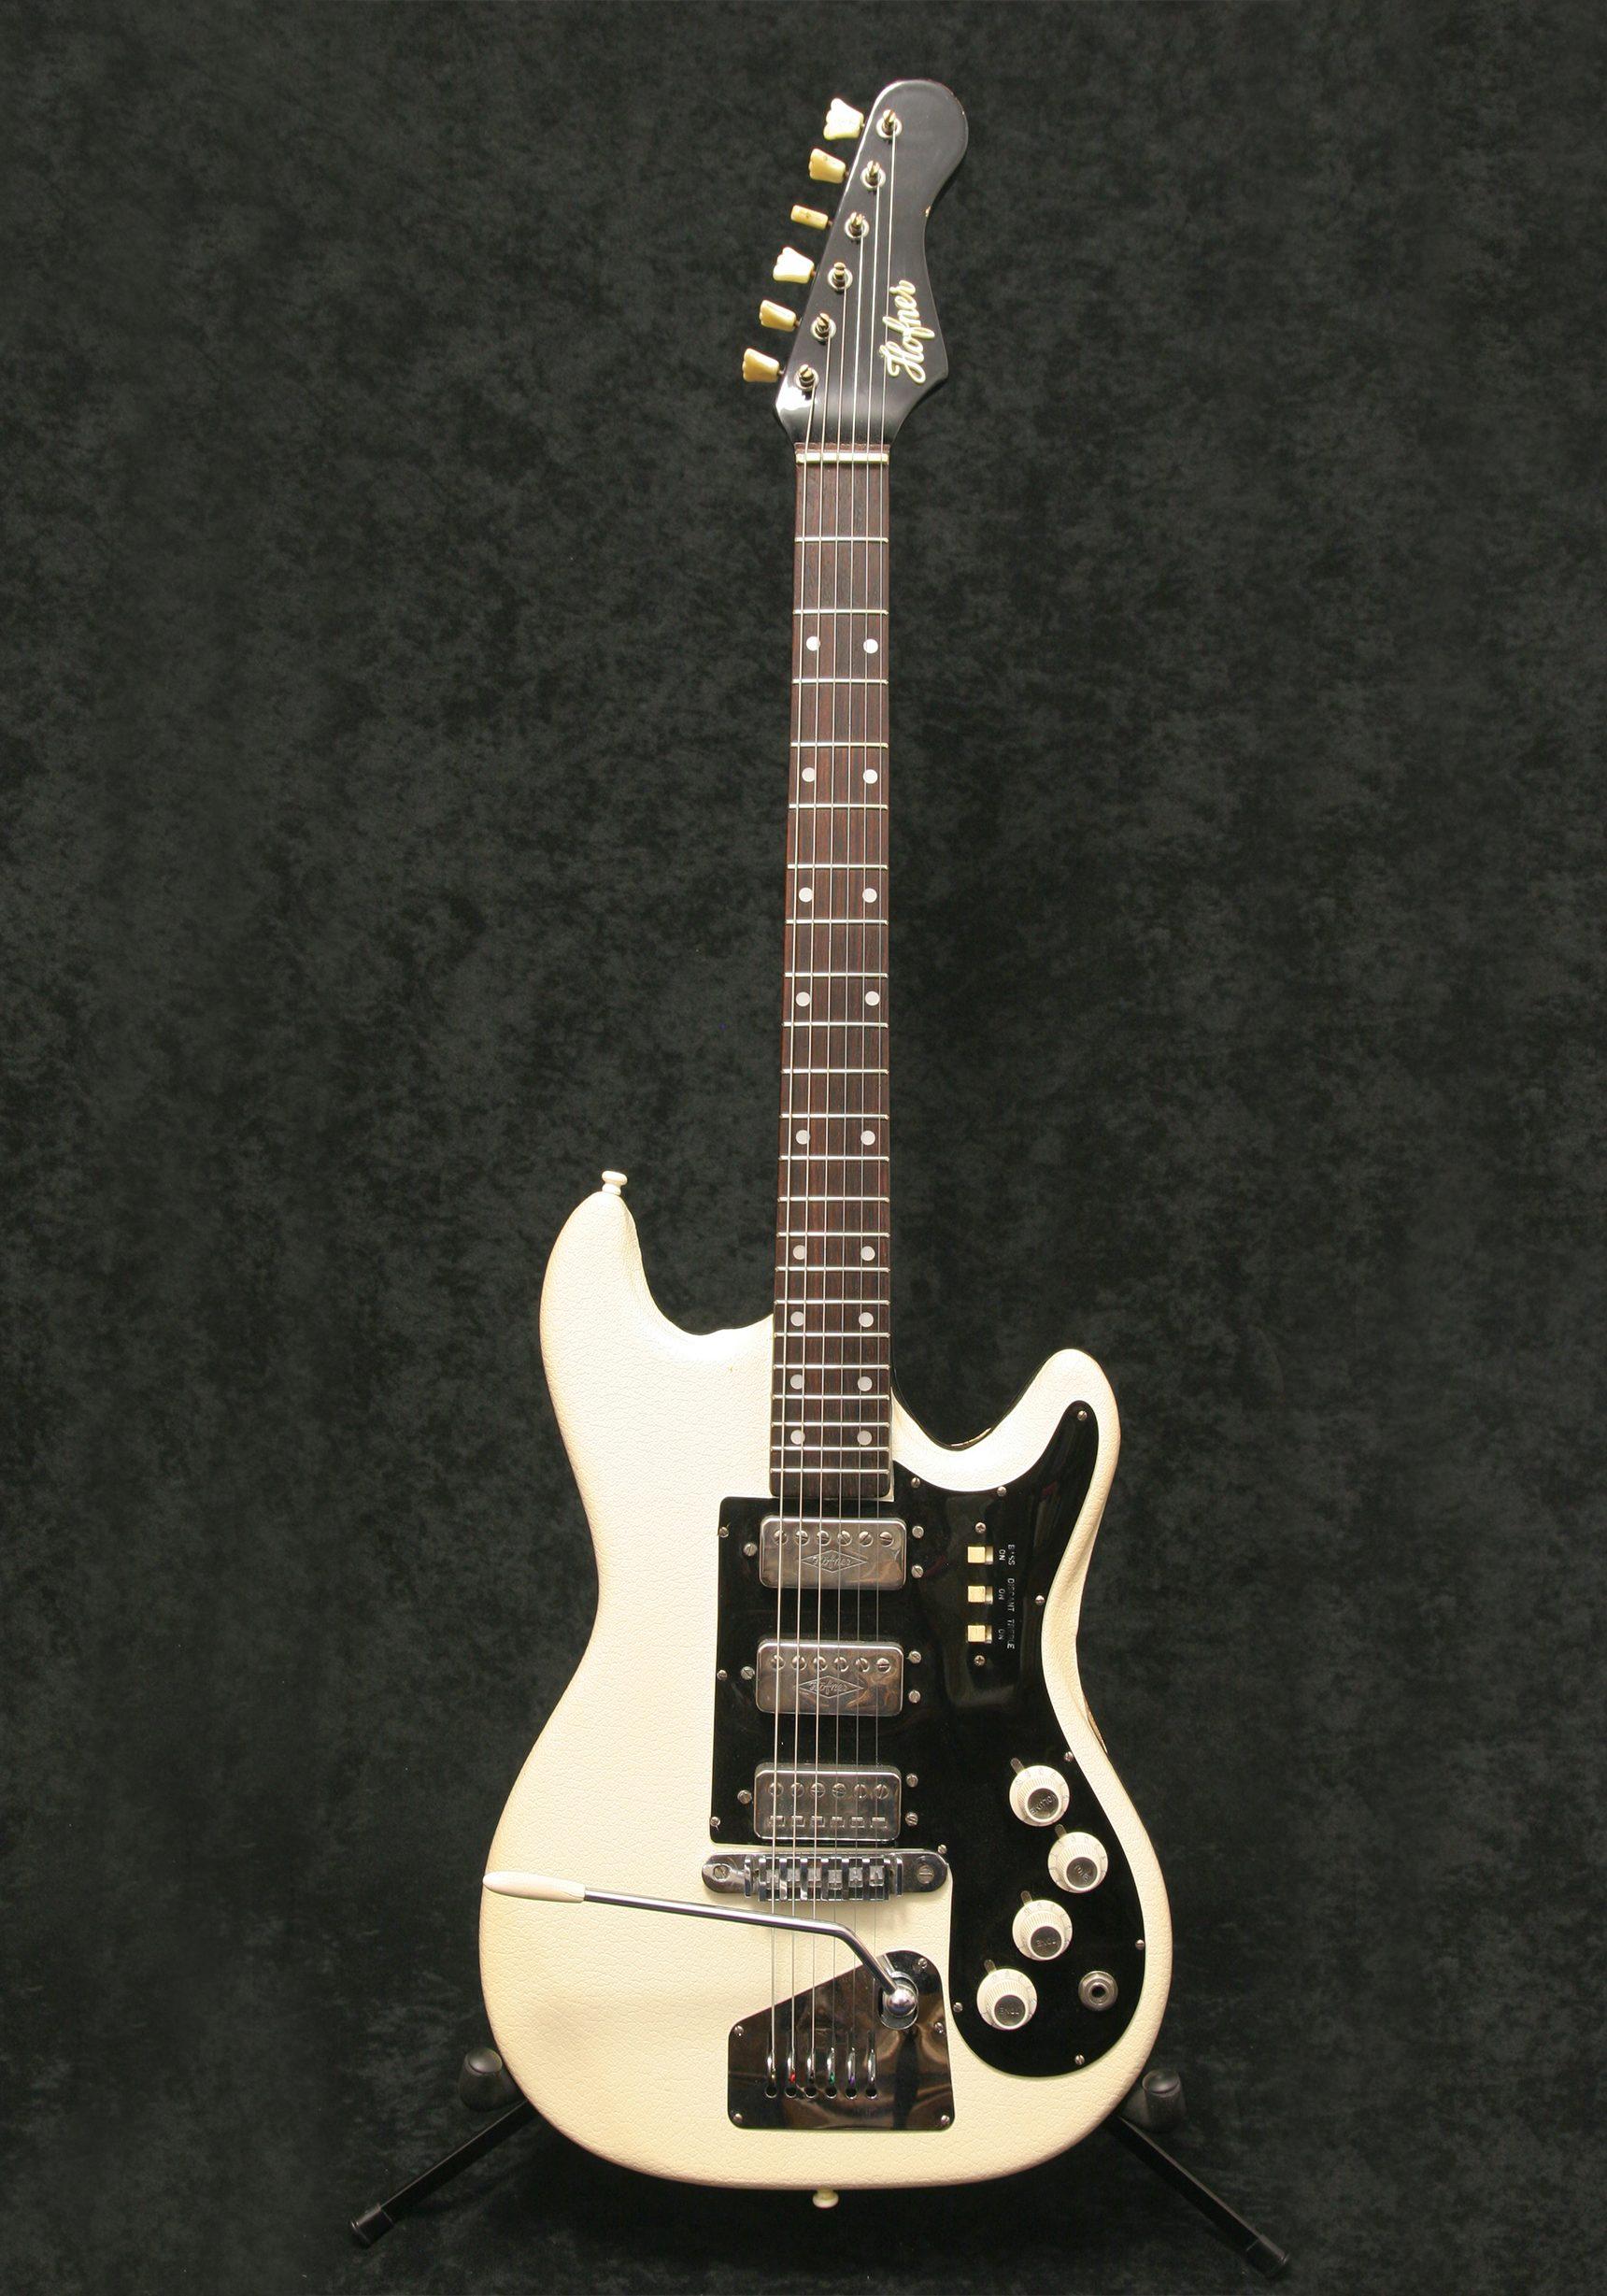 Hofner 173 White Vinyl body front